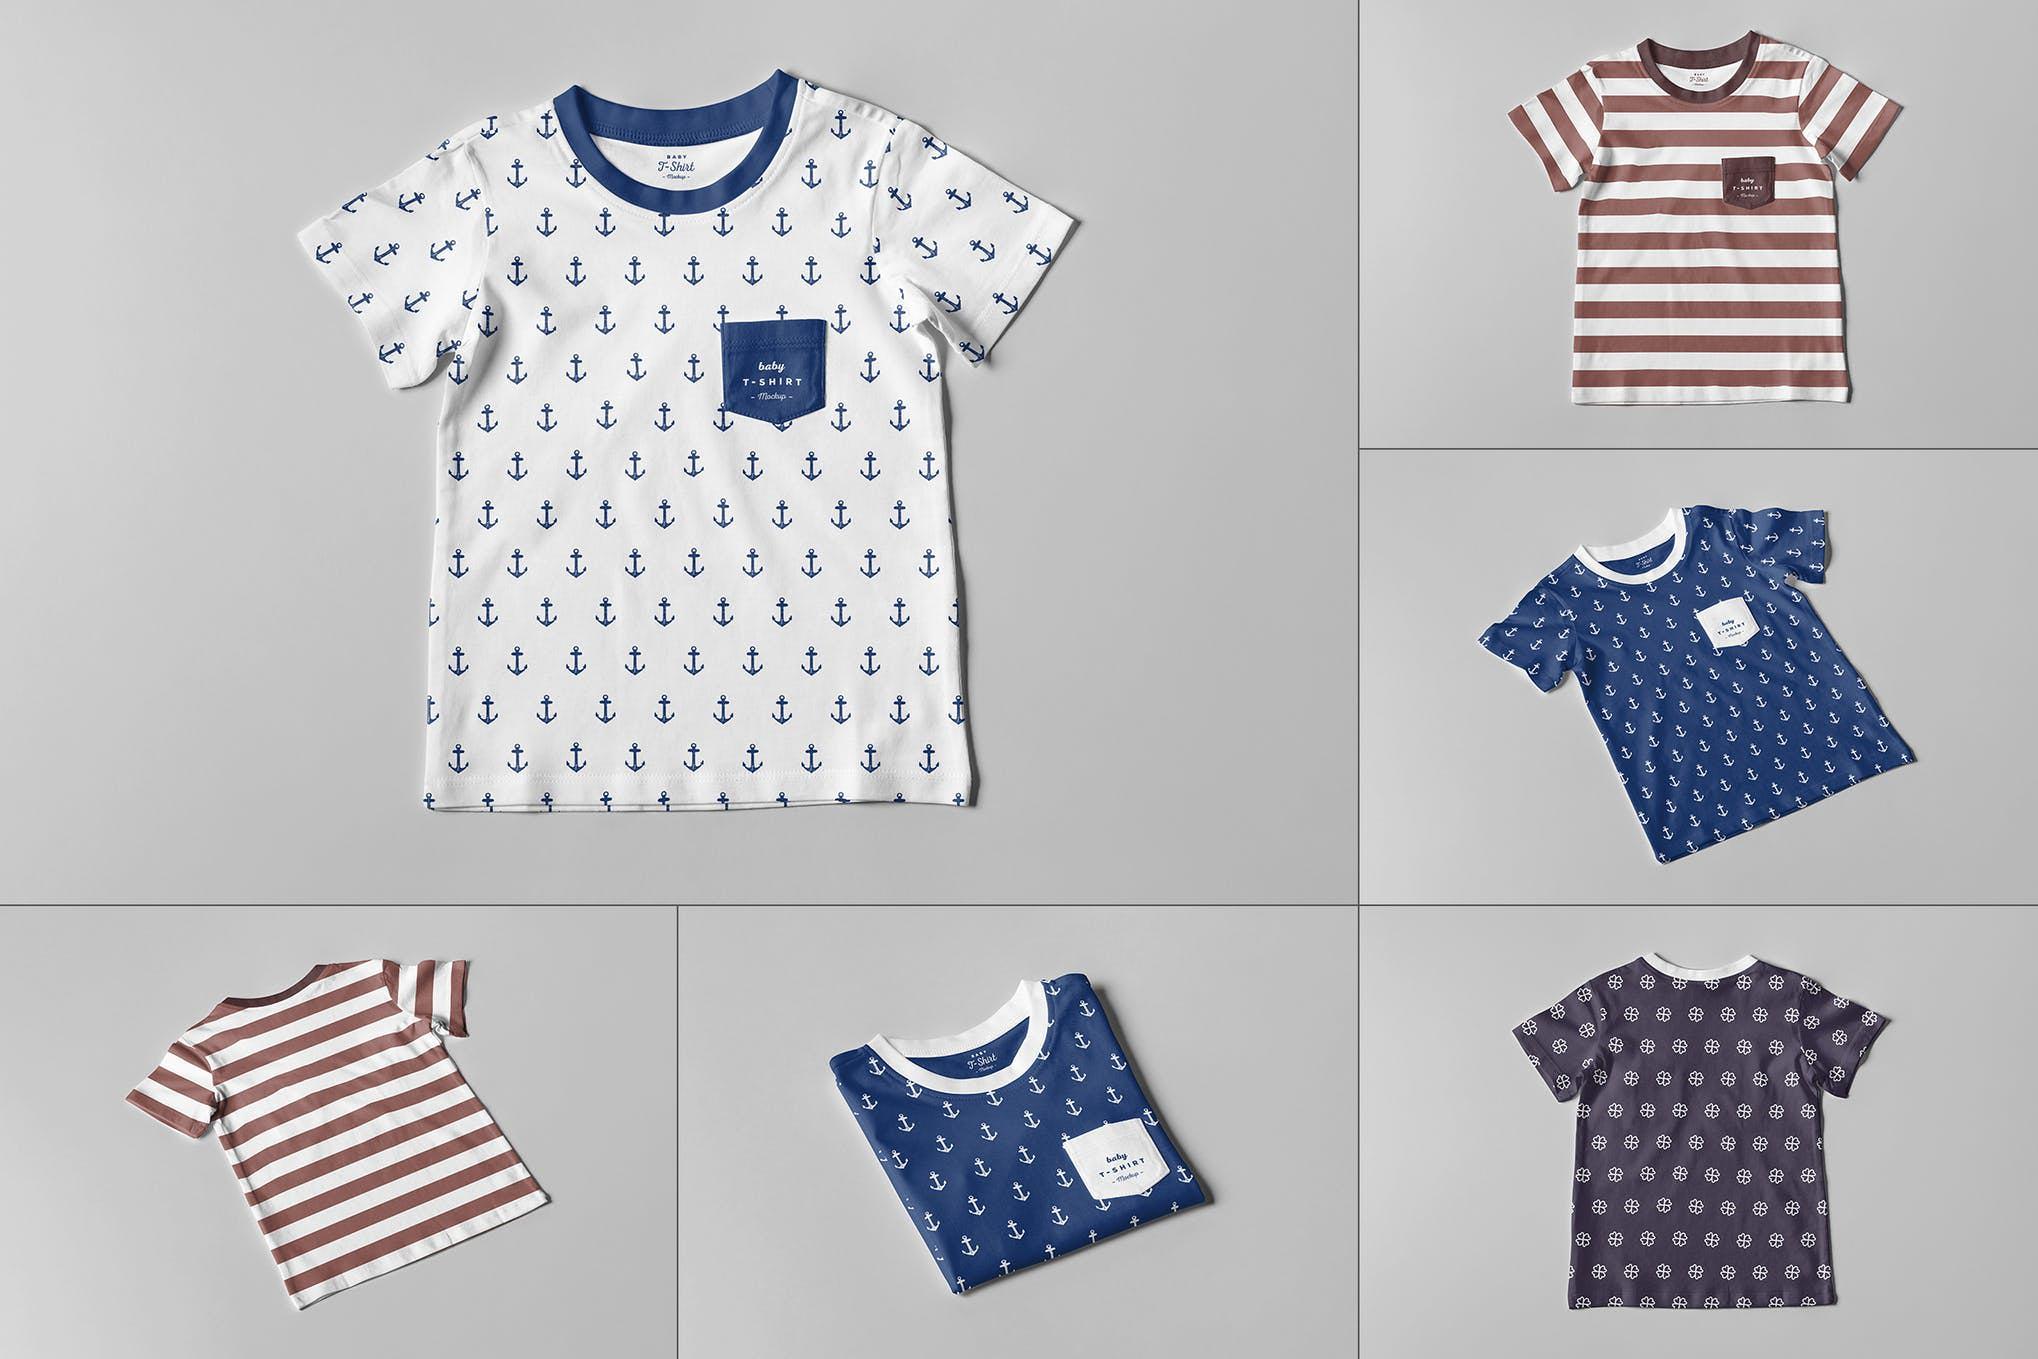 婴儿幼童短袖T恤衫样机效果图插图(1)